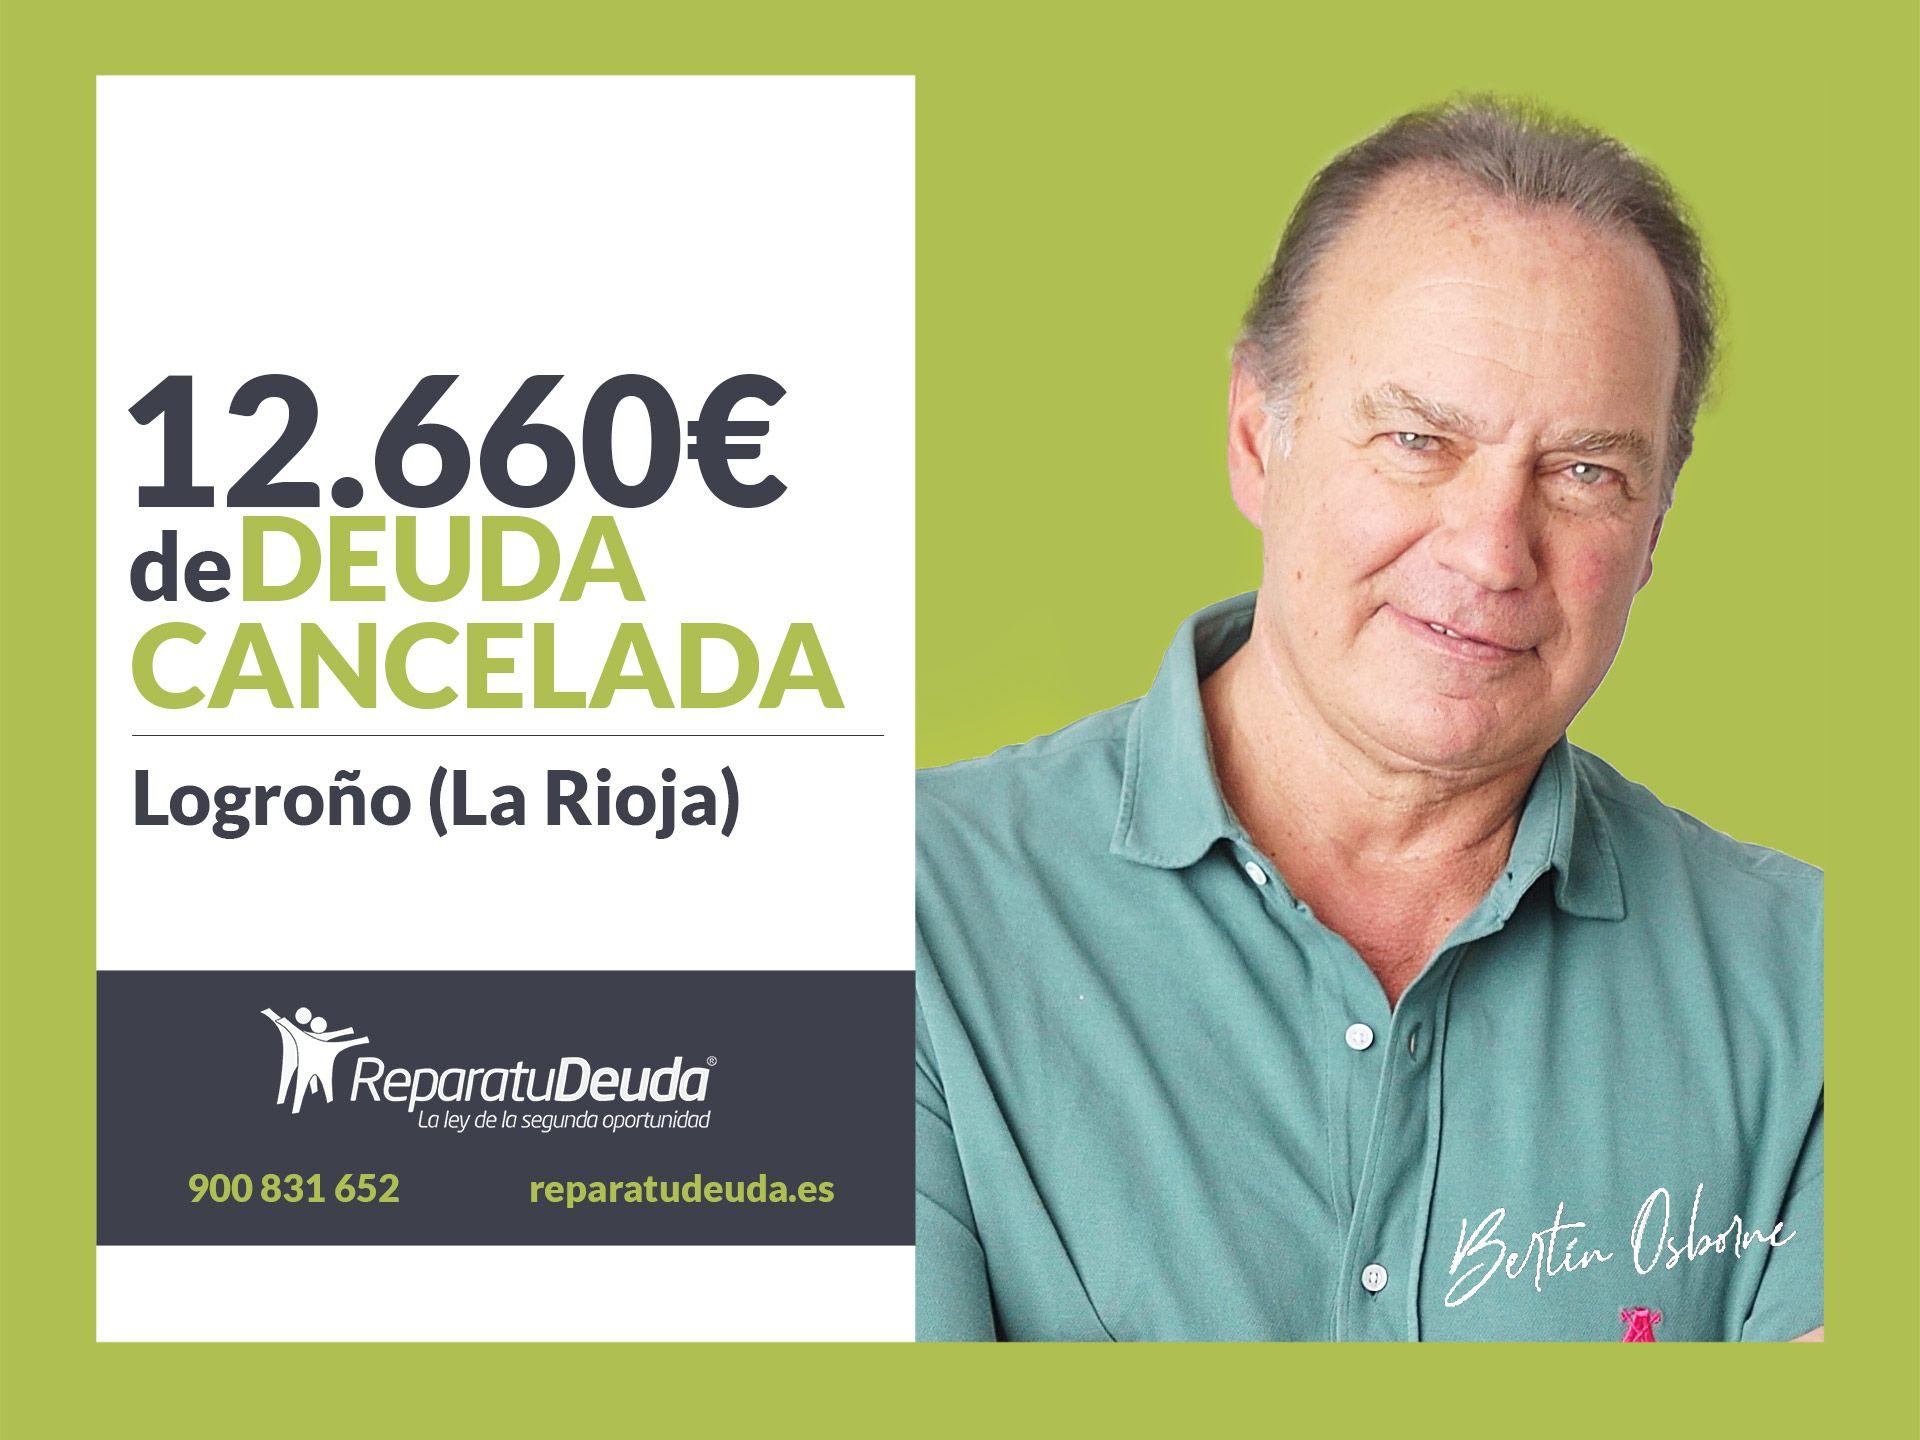 Repara tu Deuda cancela 12.660 € en Logroño (La Rioja) con la Ley de la Segunda Oportunidad